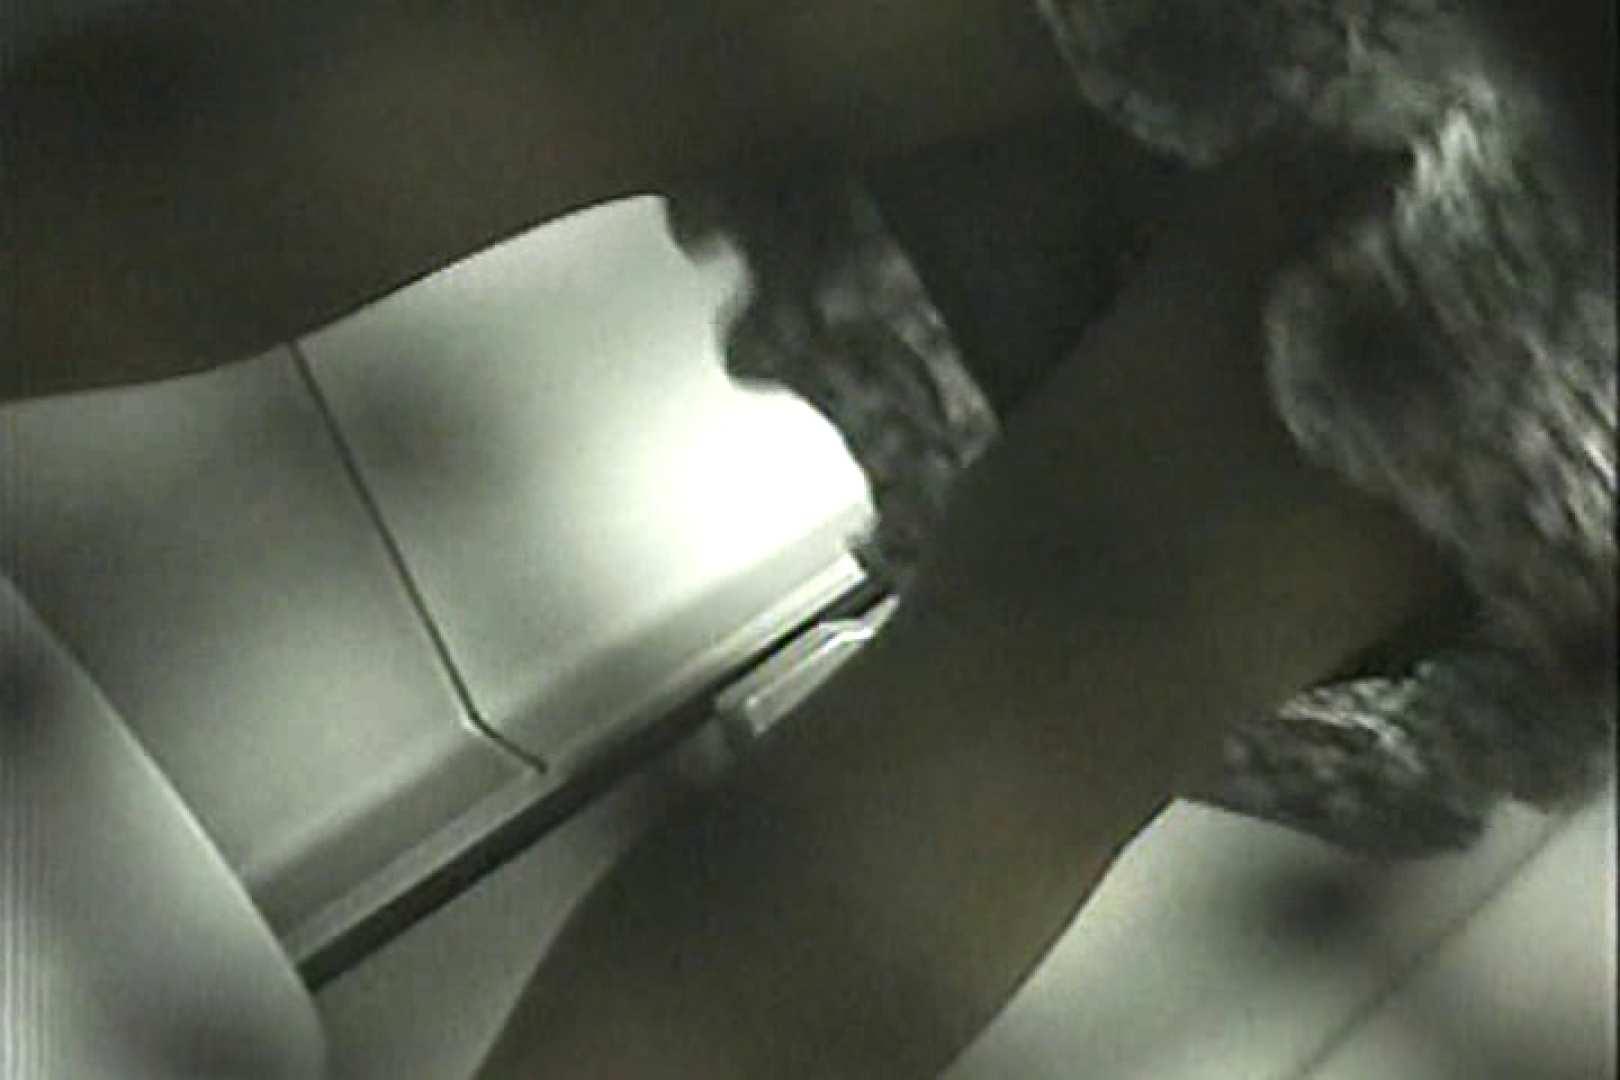 車内洗面所盗撮 電車ゆれればお尻もゆれる TK-98 独占盗撮  33連発 24